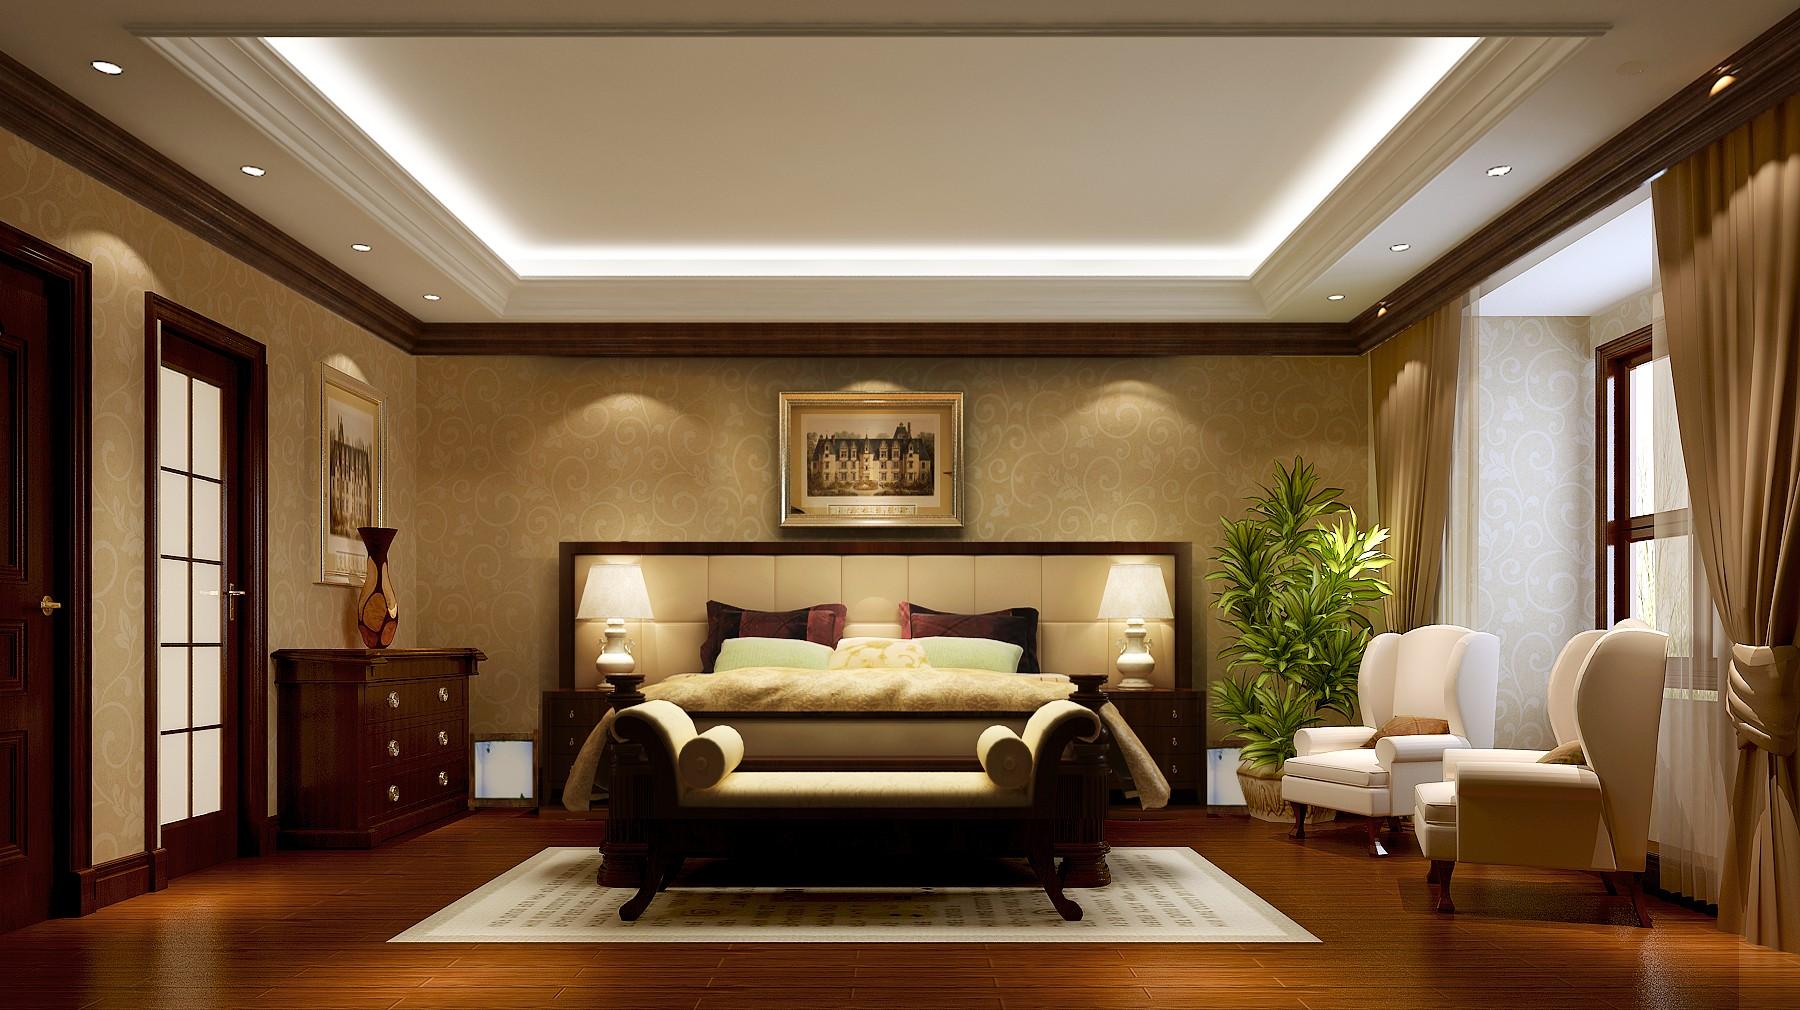 领袖慧谷 高度国际 二居 托斯卡纳 白领 公寓 80后 世界杯 白富美 卧室图片来自北京高度国际装饰设计在领袖慧谷托斯卡纳公寓的分享